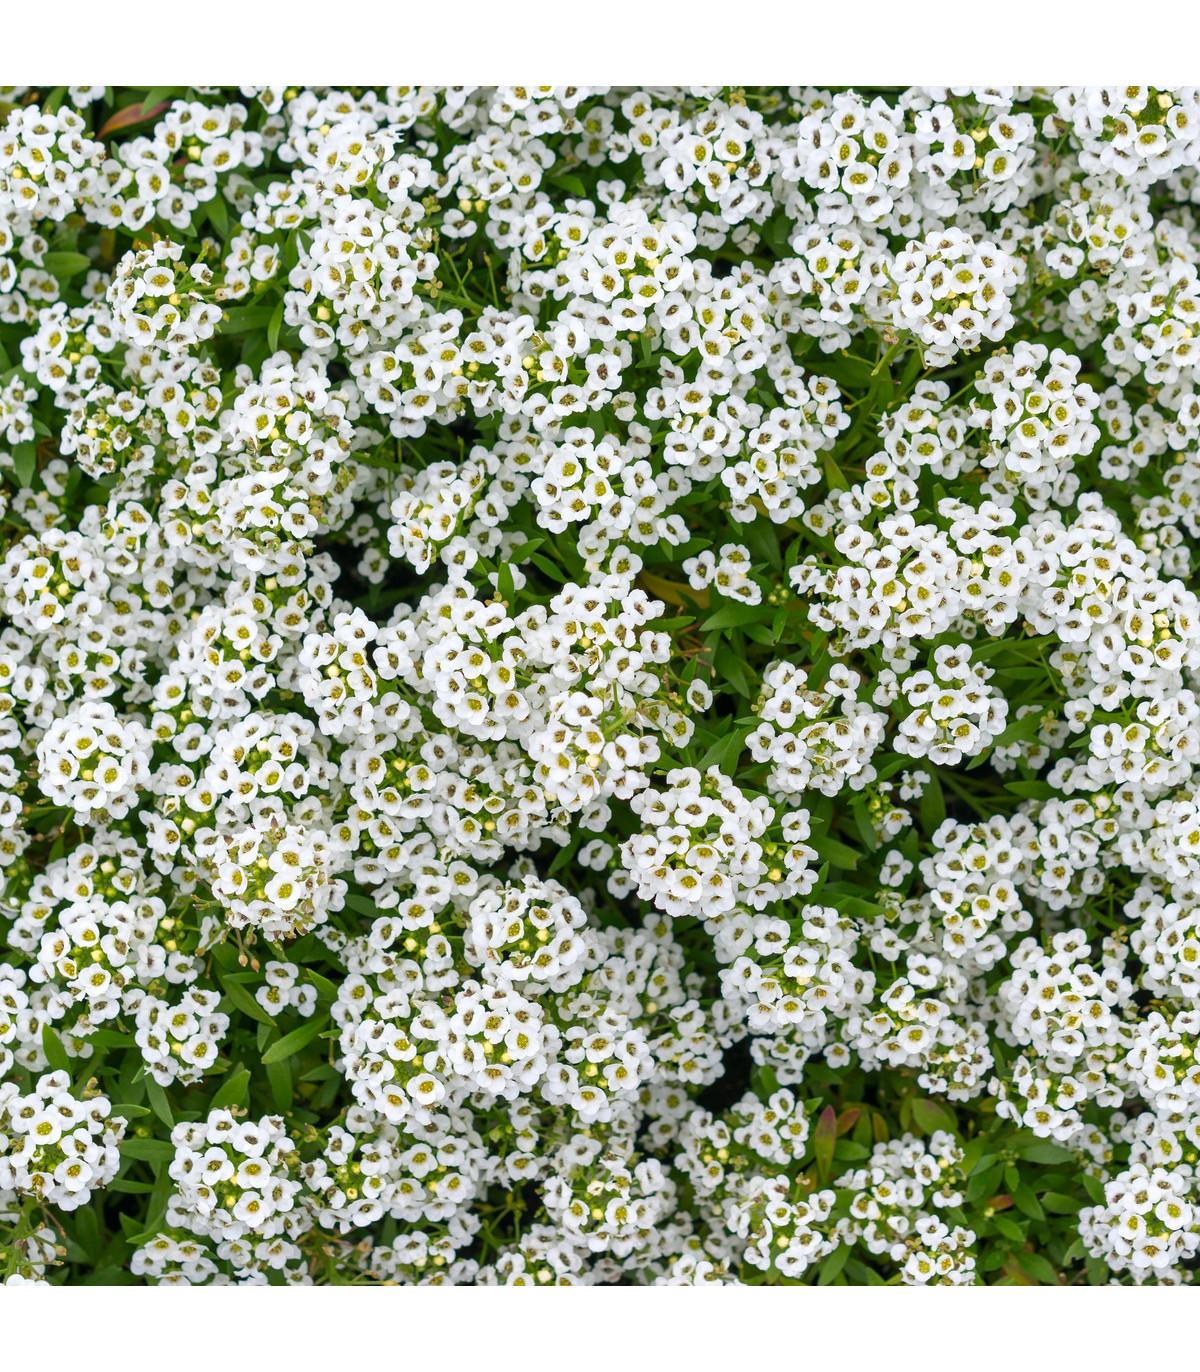 Letničky zmes - Záhradný sen v bielom - semená Letničiek - 0,9 g